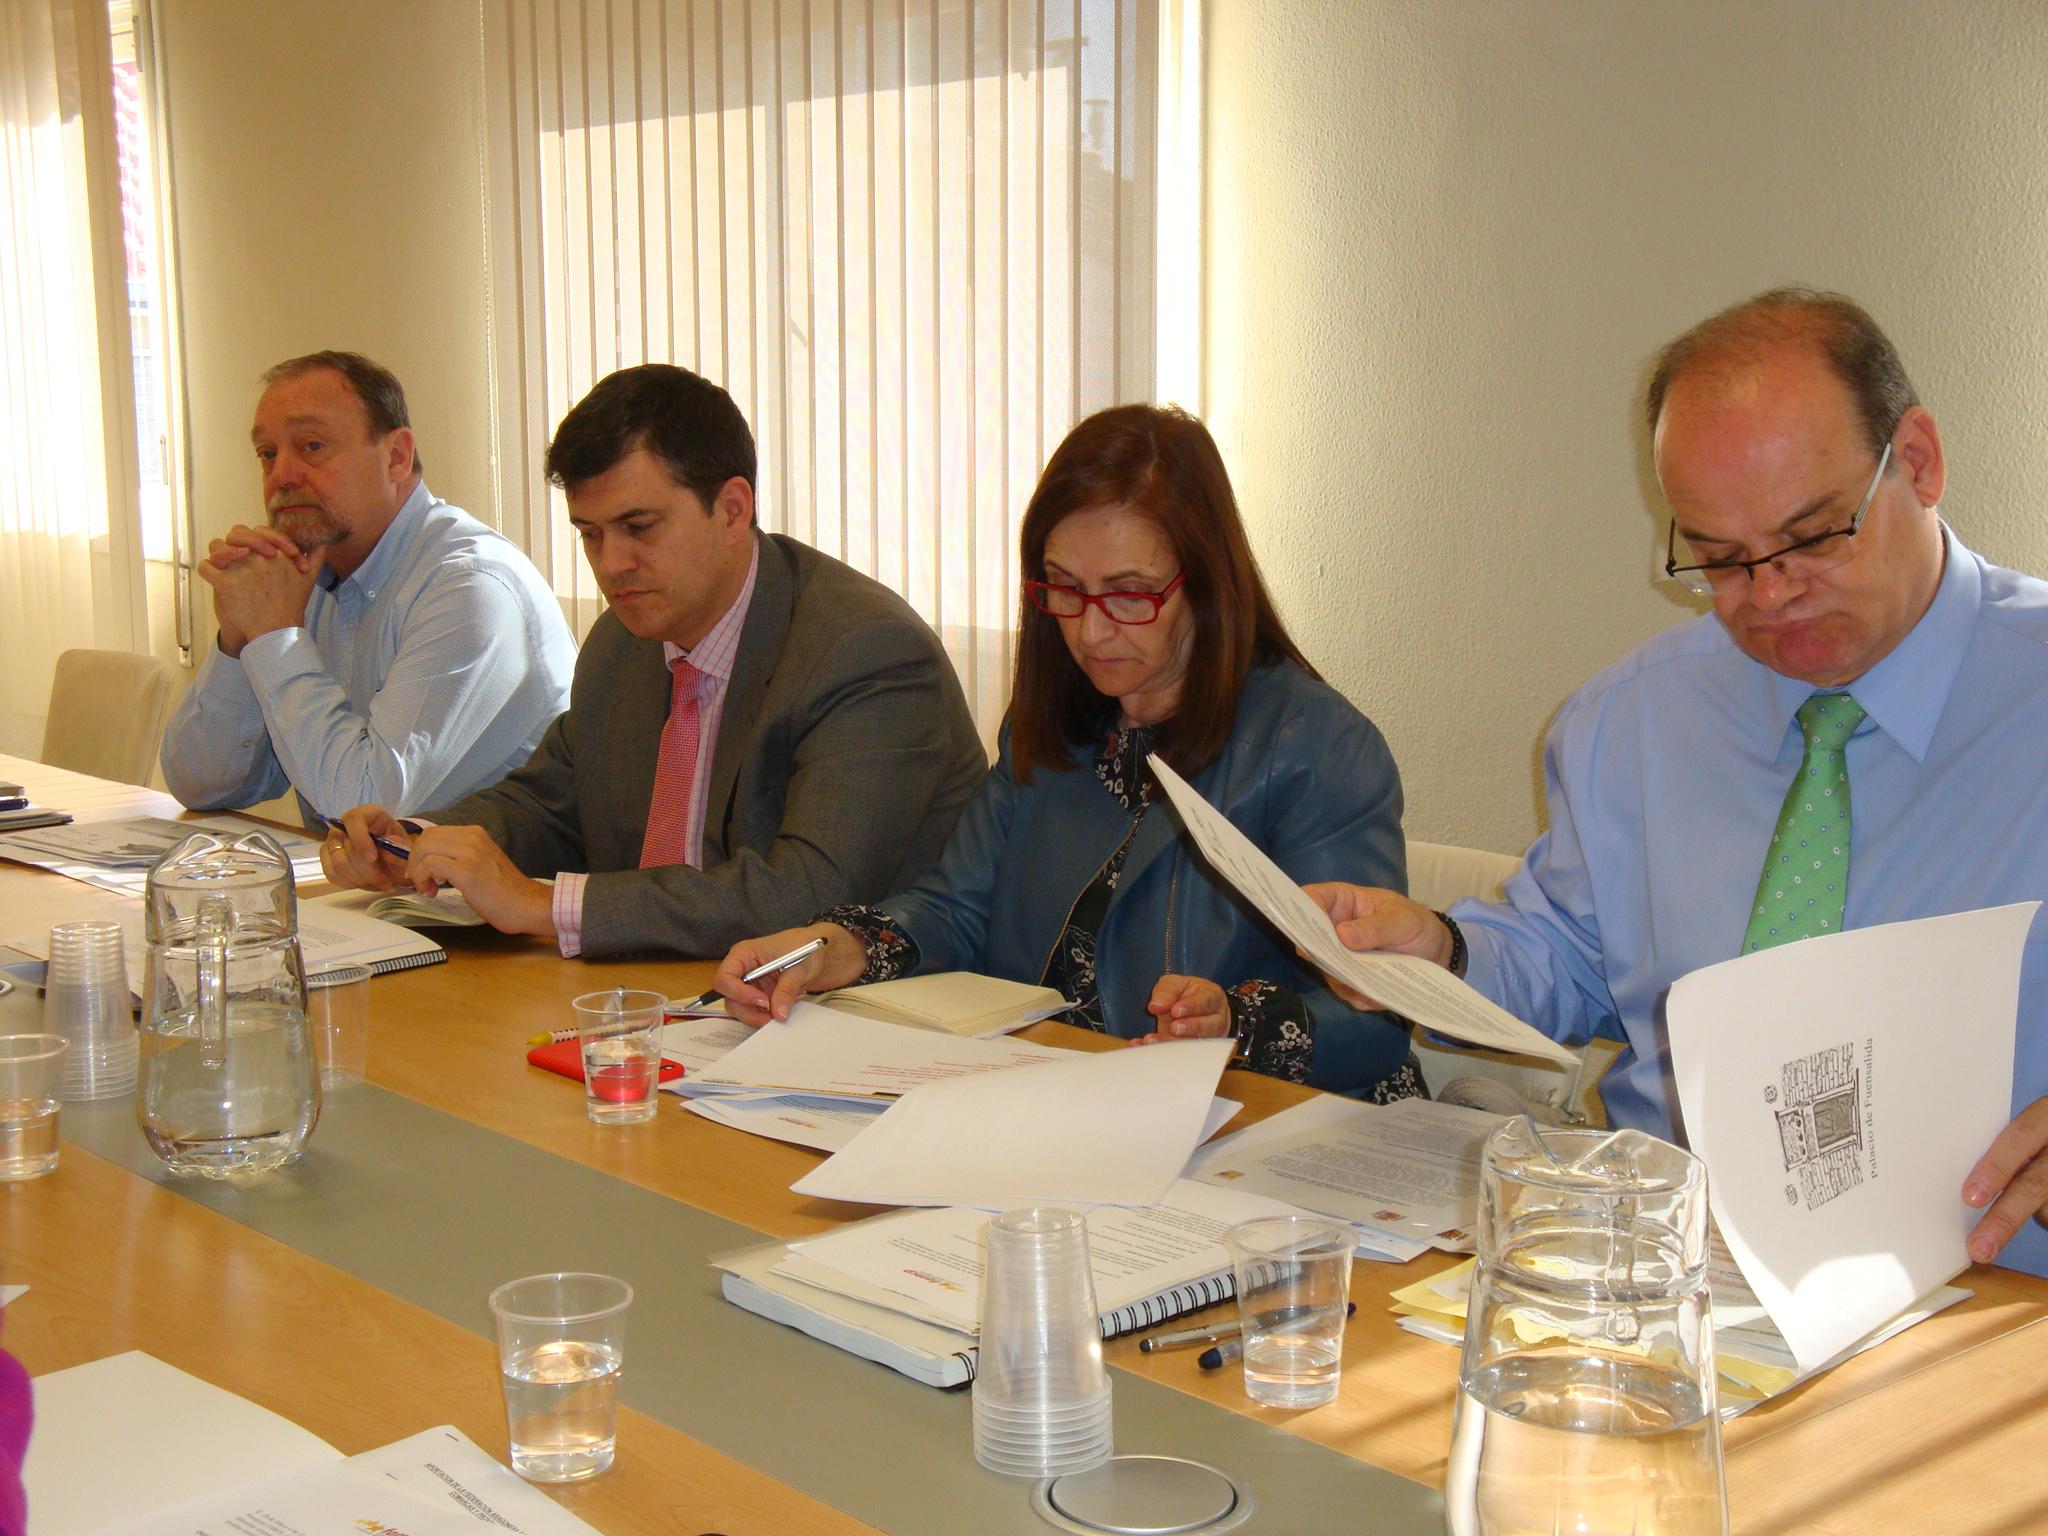 Desde la derecha, el director general de Relaciones Institucionales, Enrique Giménez, la presidenta de la FAMCP, Carmen Sánchez, el director general de Ordenación del Territorio, Joaquín Palacín, y el secretario general de la FAMCP, Martín Nicolás.